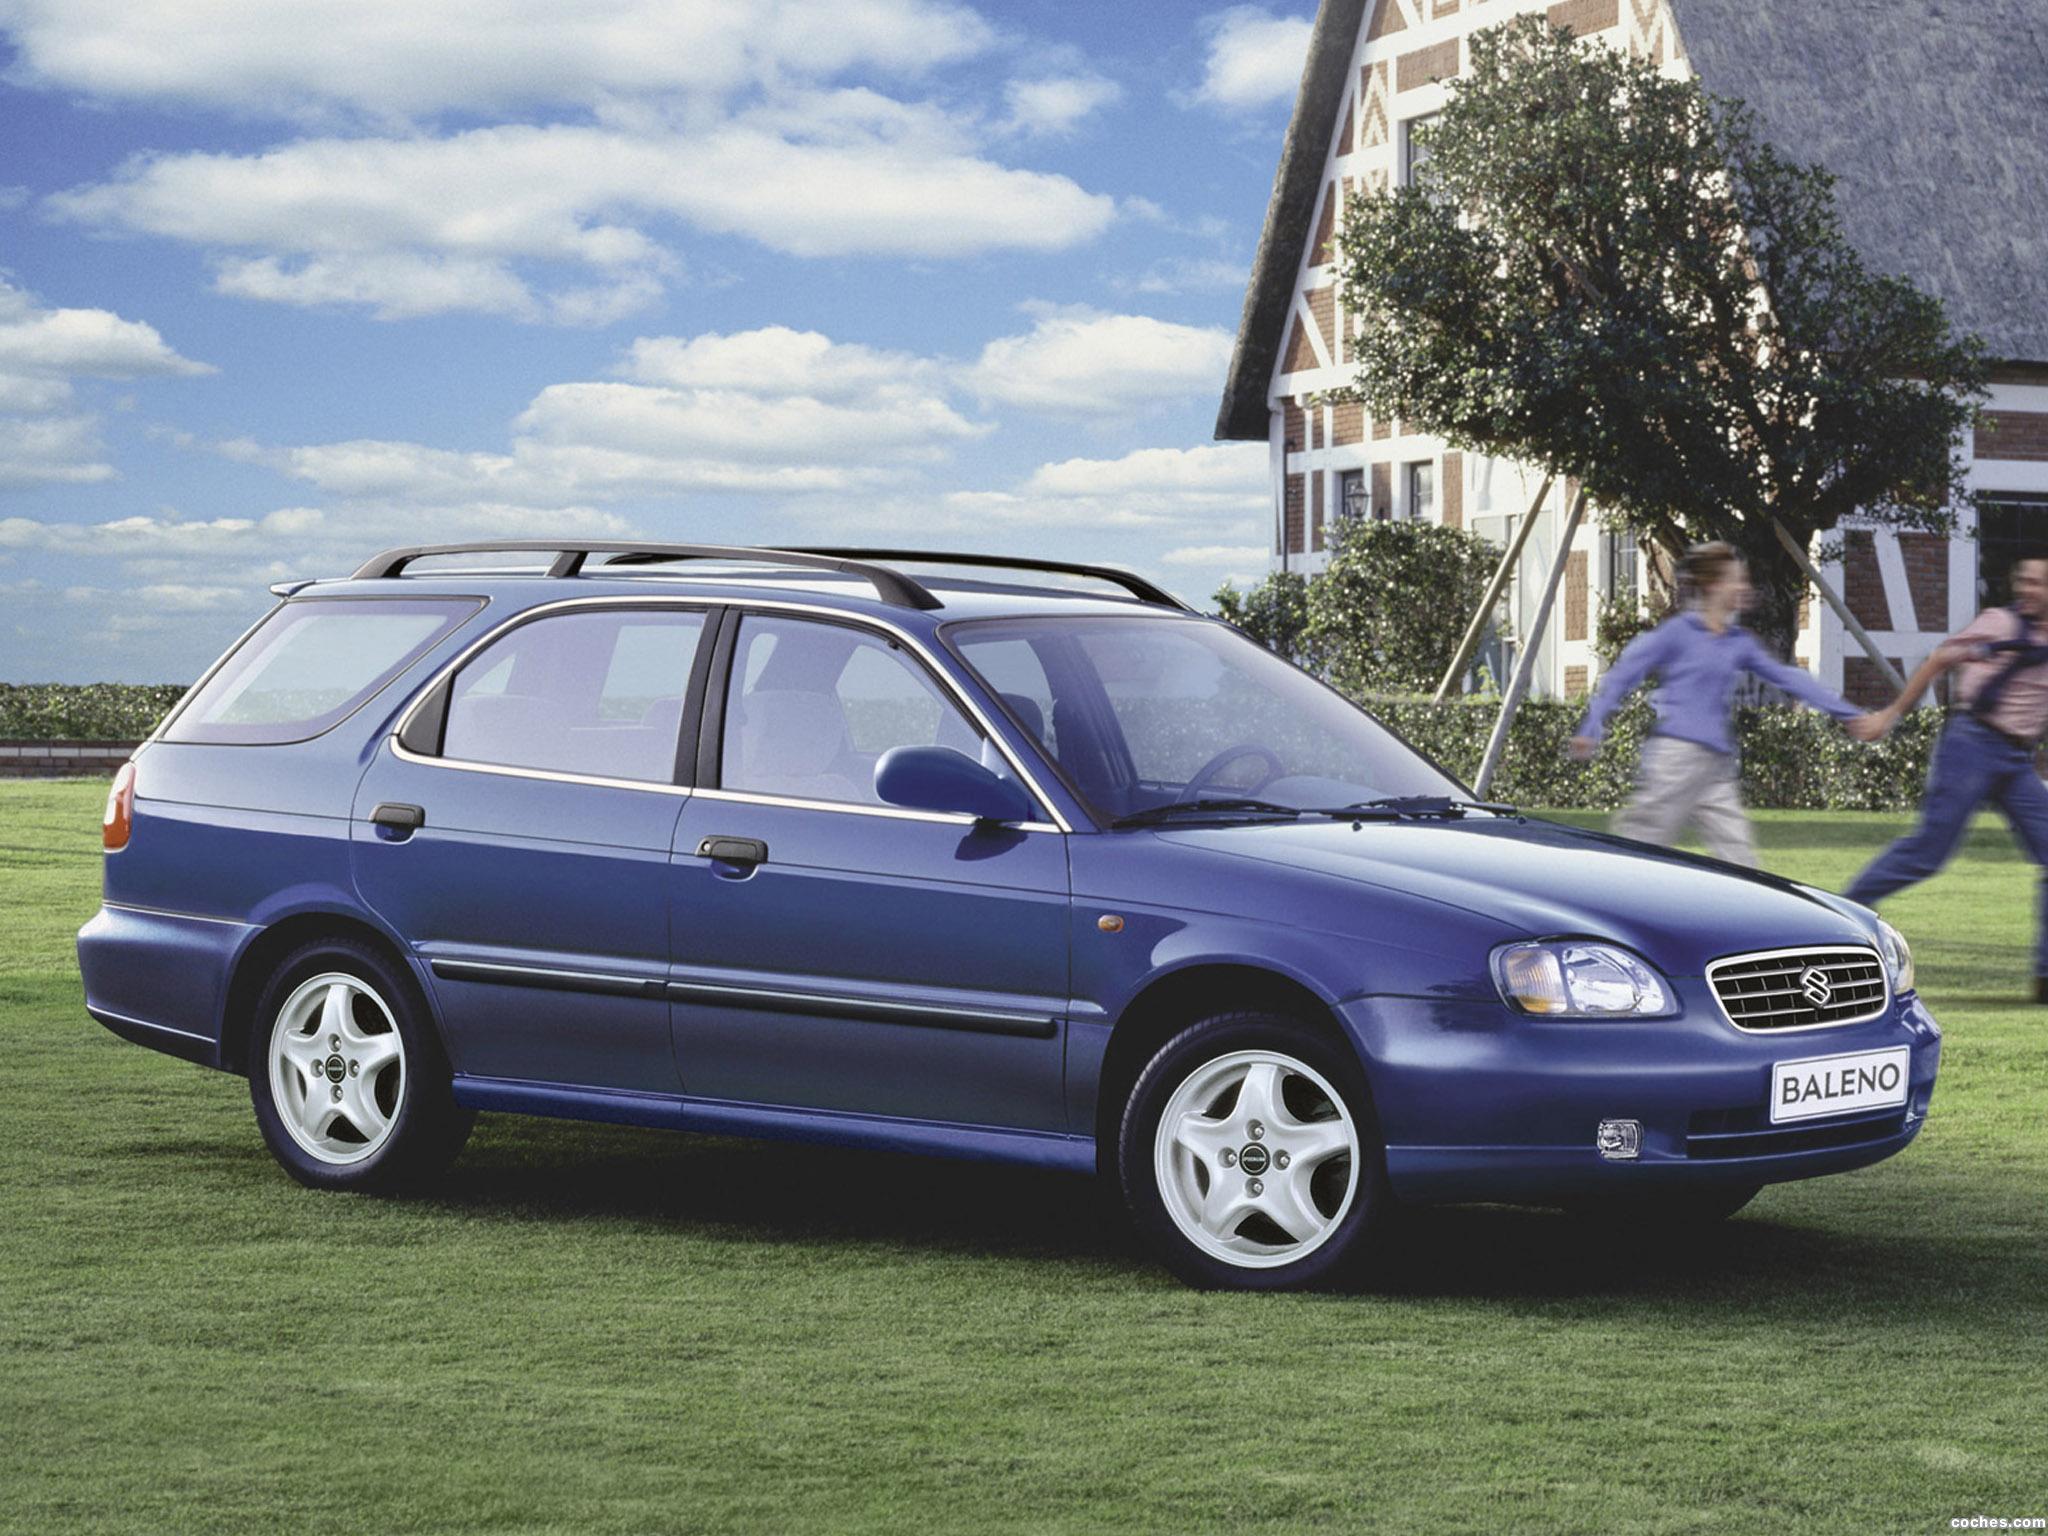 Foto 0 de Suzuki Baleno Wagon 1999